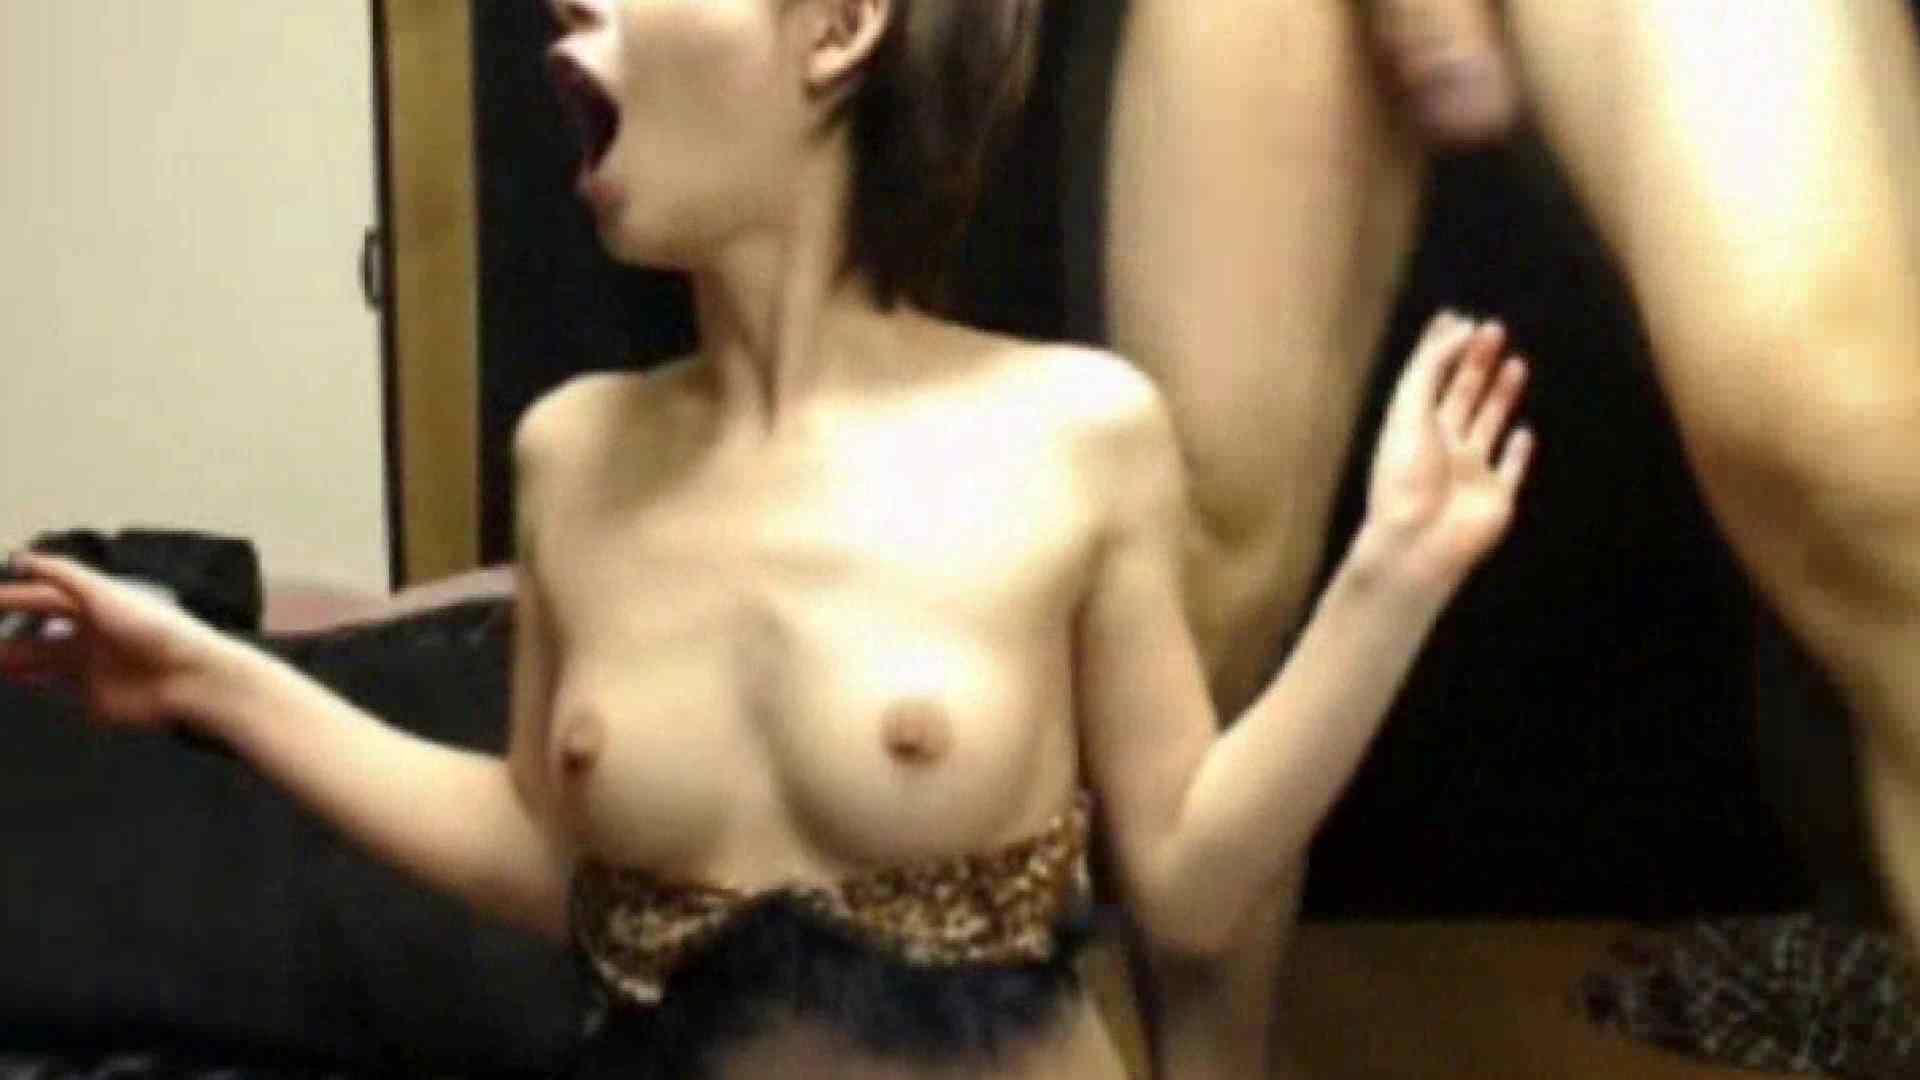 ギャルとハメハメ生チャット!Vol.25前編 エッチなセックス ワレメ動画紹介 100画像 47